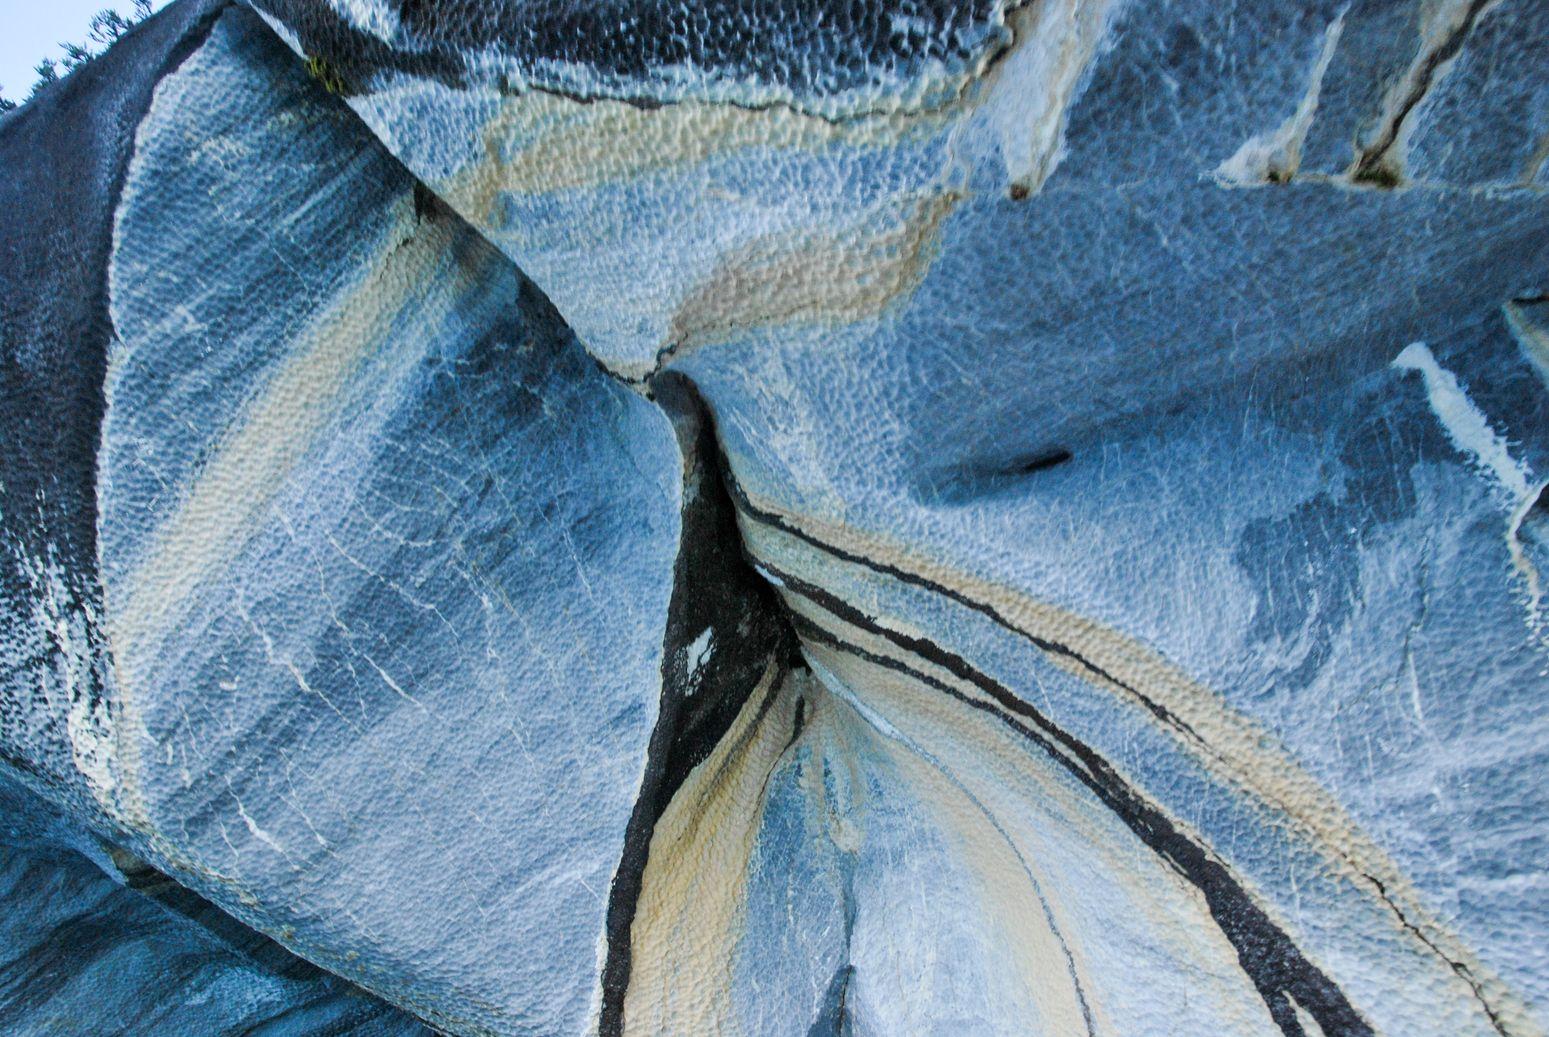 Carretera Austral_texture marbre